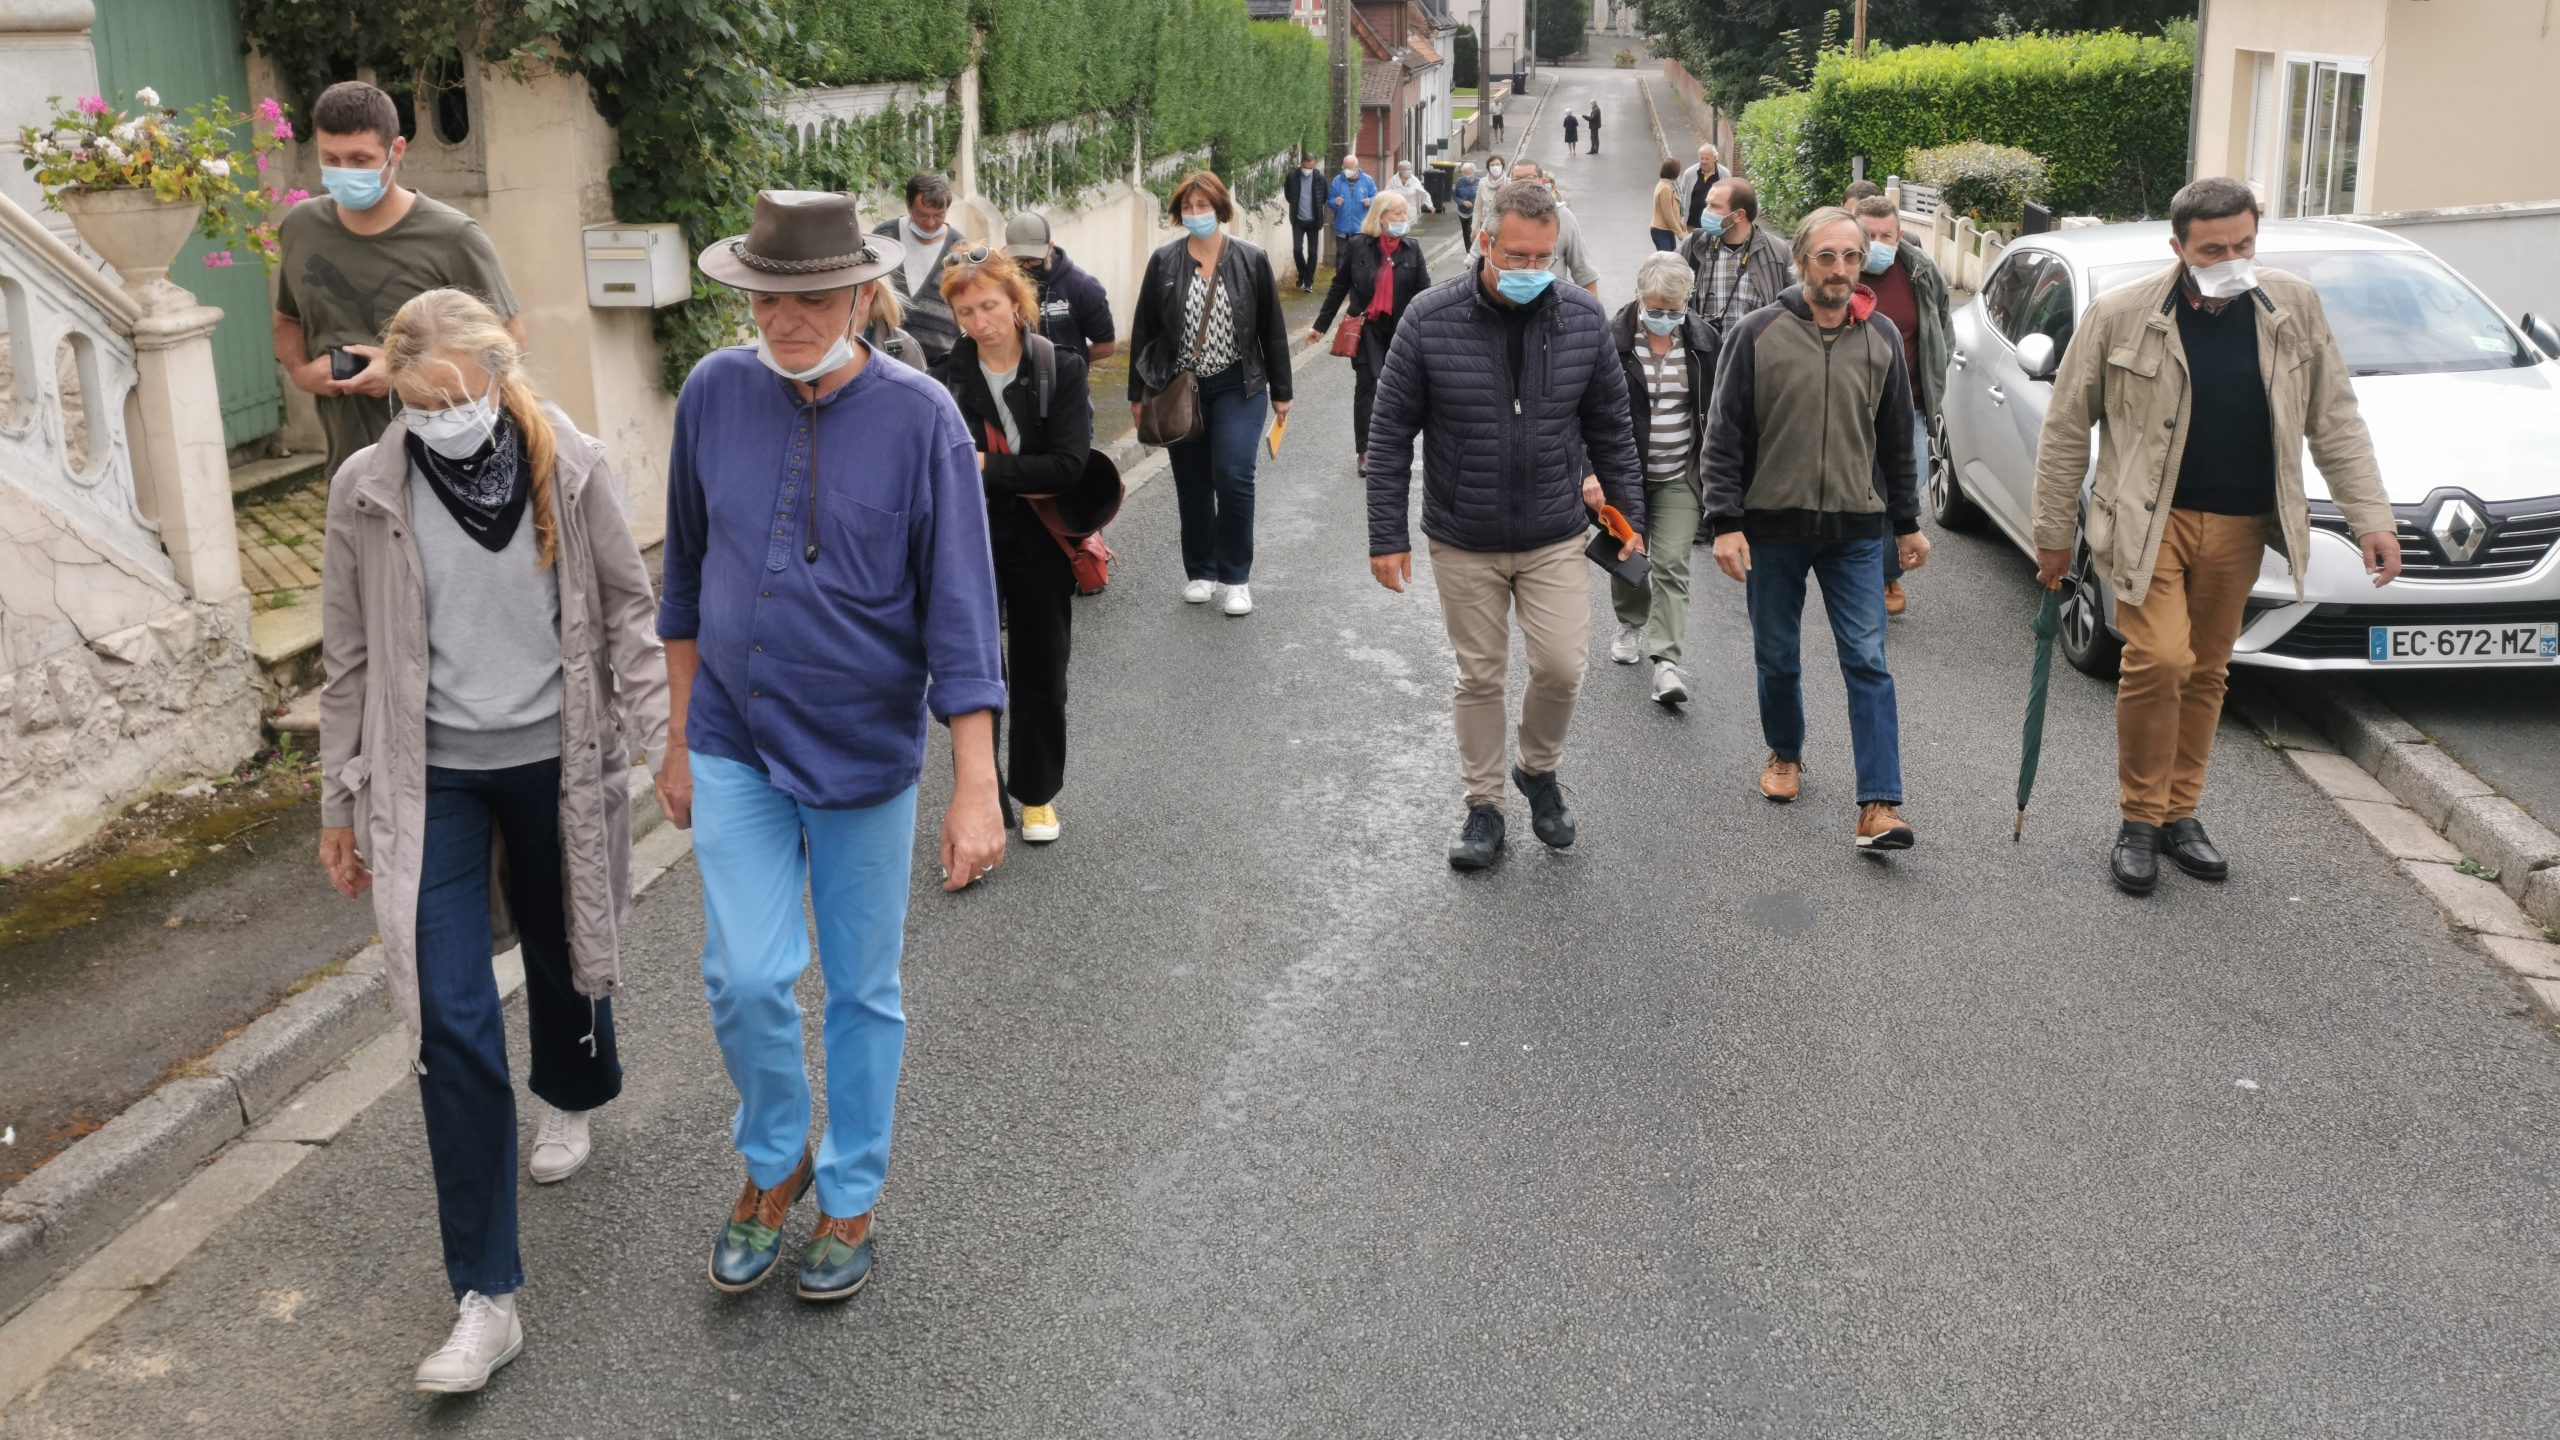 Balade dans les quartiers de Saint-Pol: ce n'est pas un échec, ça a marché